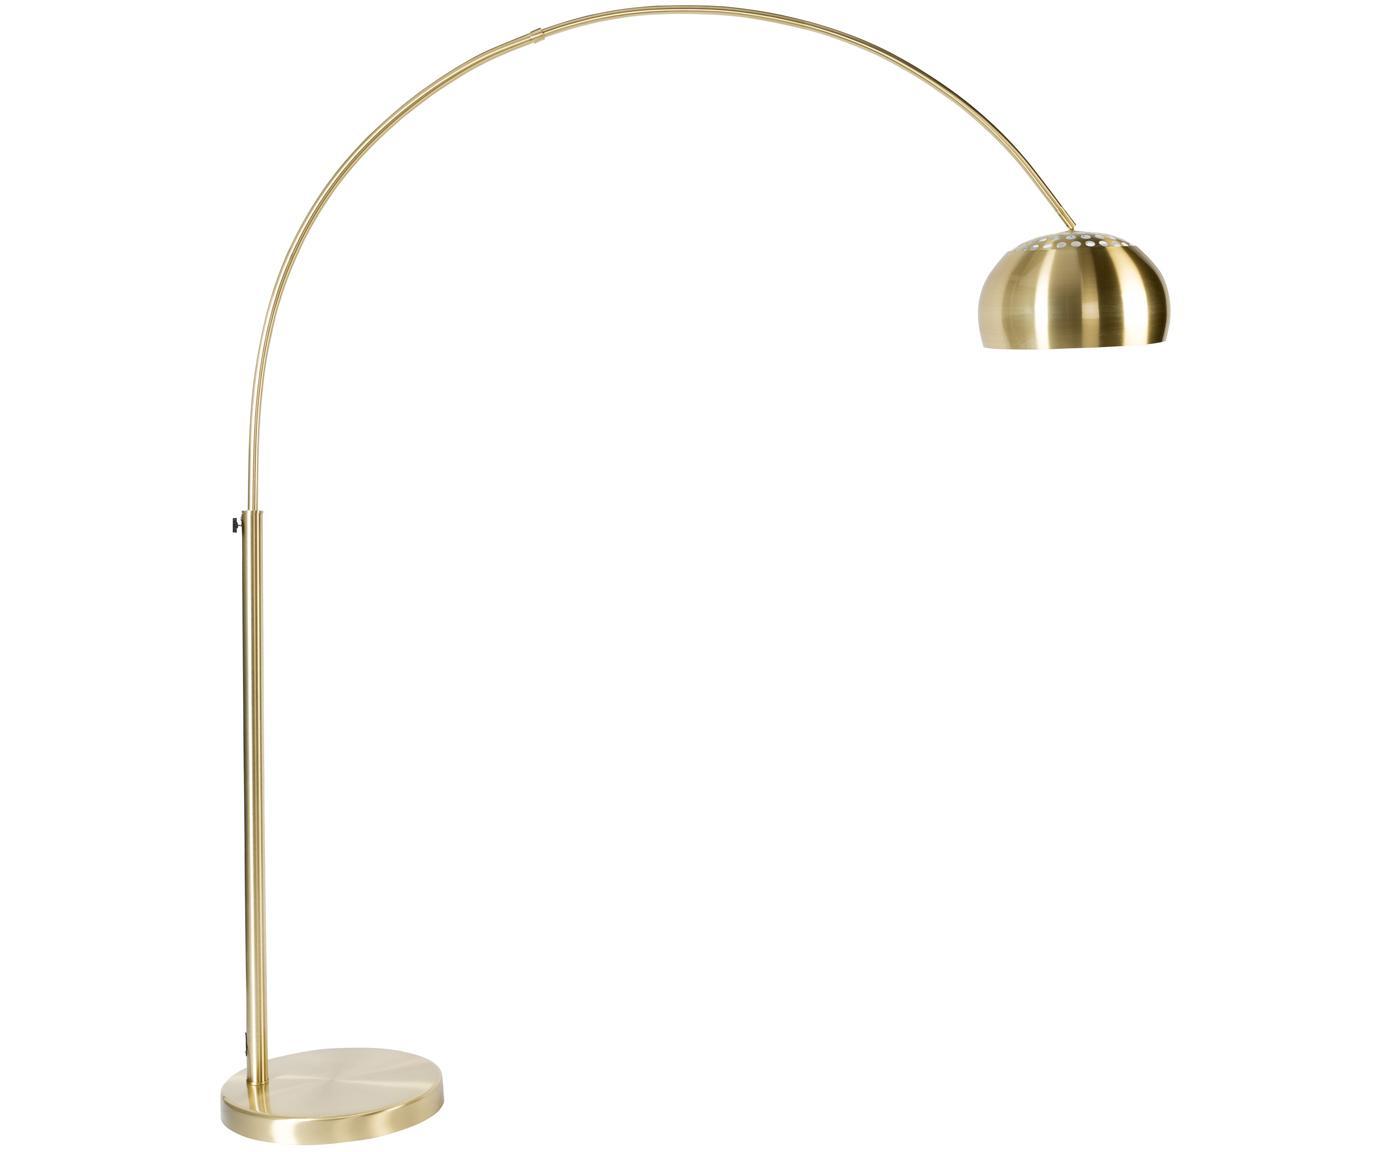 Booglamp Metal Bow, in hoogte verstelbaar, Lampvoet: steen met vermessingd met, Messingkleurig, 170 x 205 cm